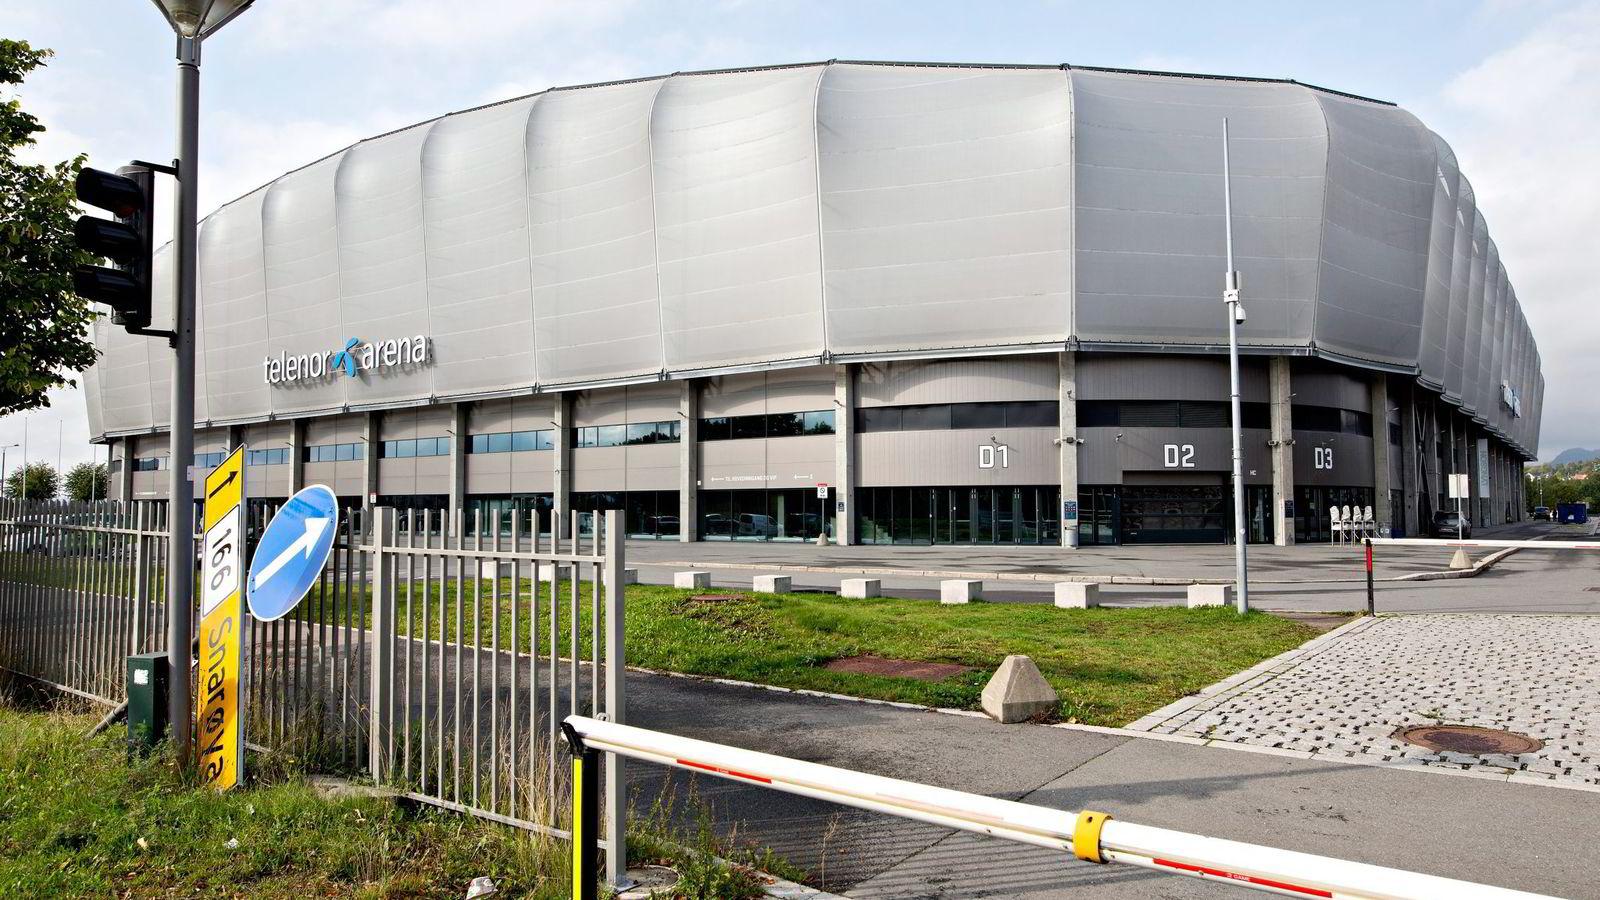 Millionene har rent ut av Telenor Arena siden åpningen i 2009. Tomten og arenaen har nå en bokført verdi på 424,5 millioner kroner. Foto: Aleksander Nordahl